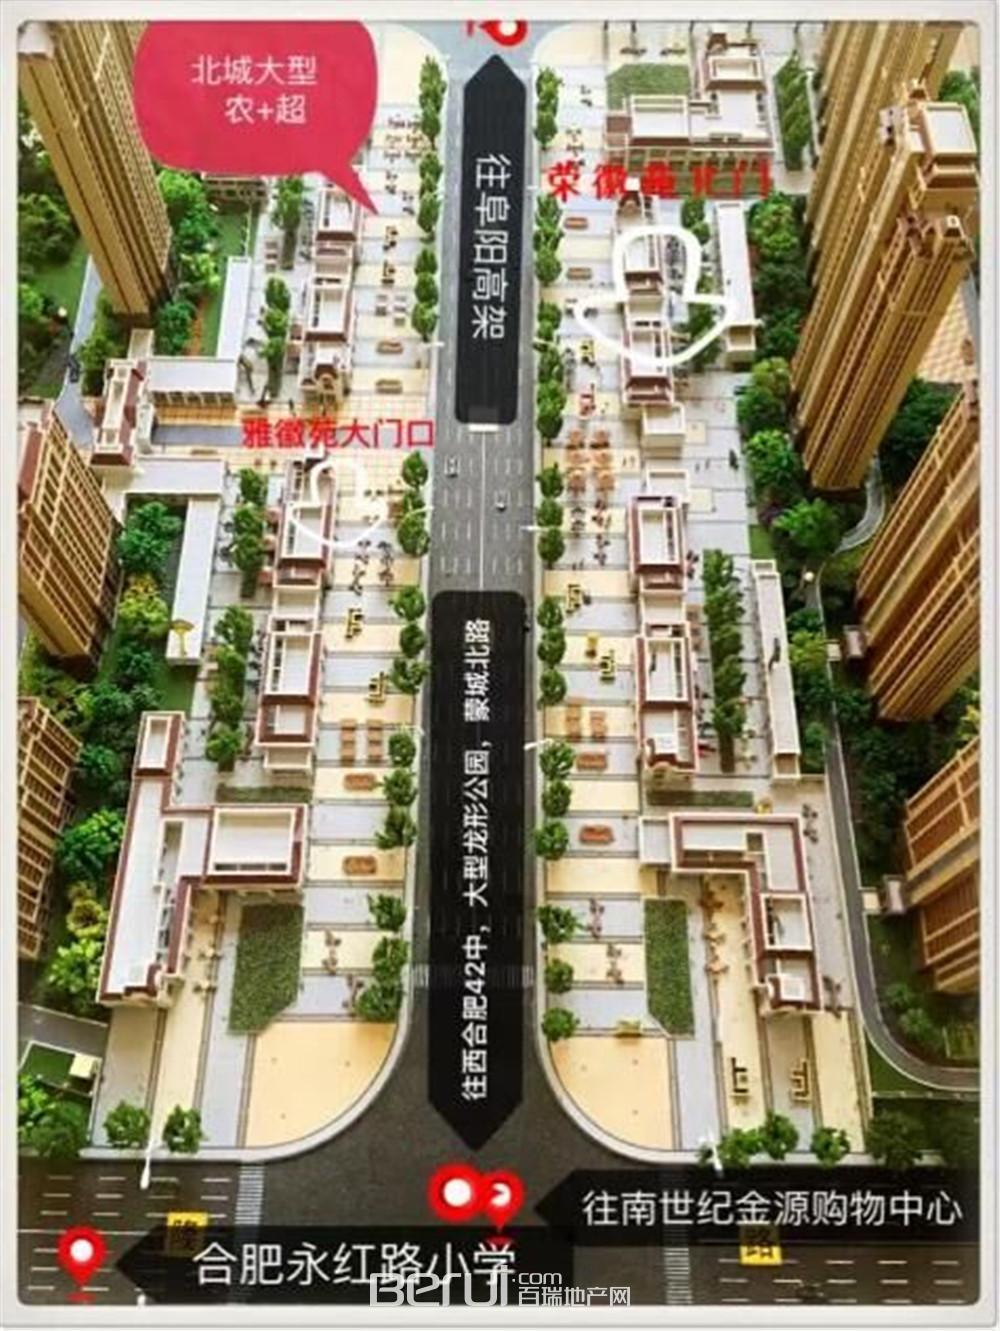 北城世纪城实景图